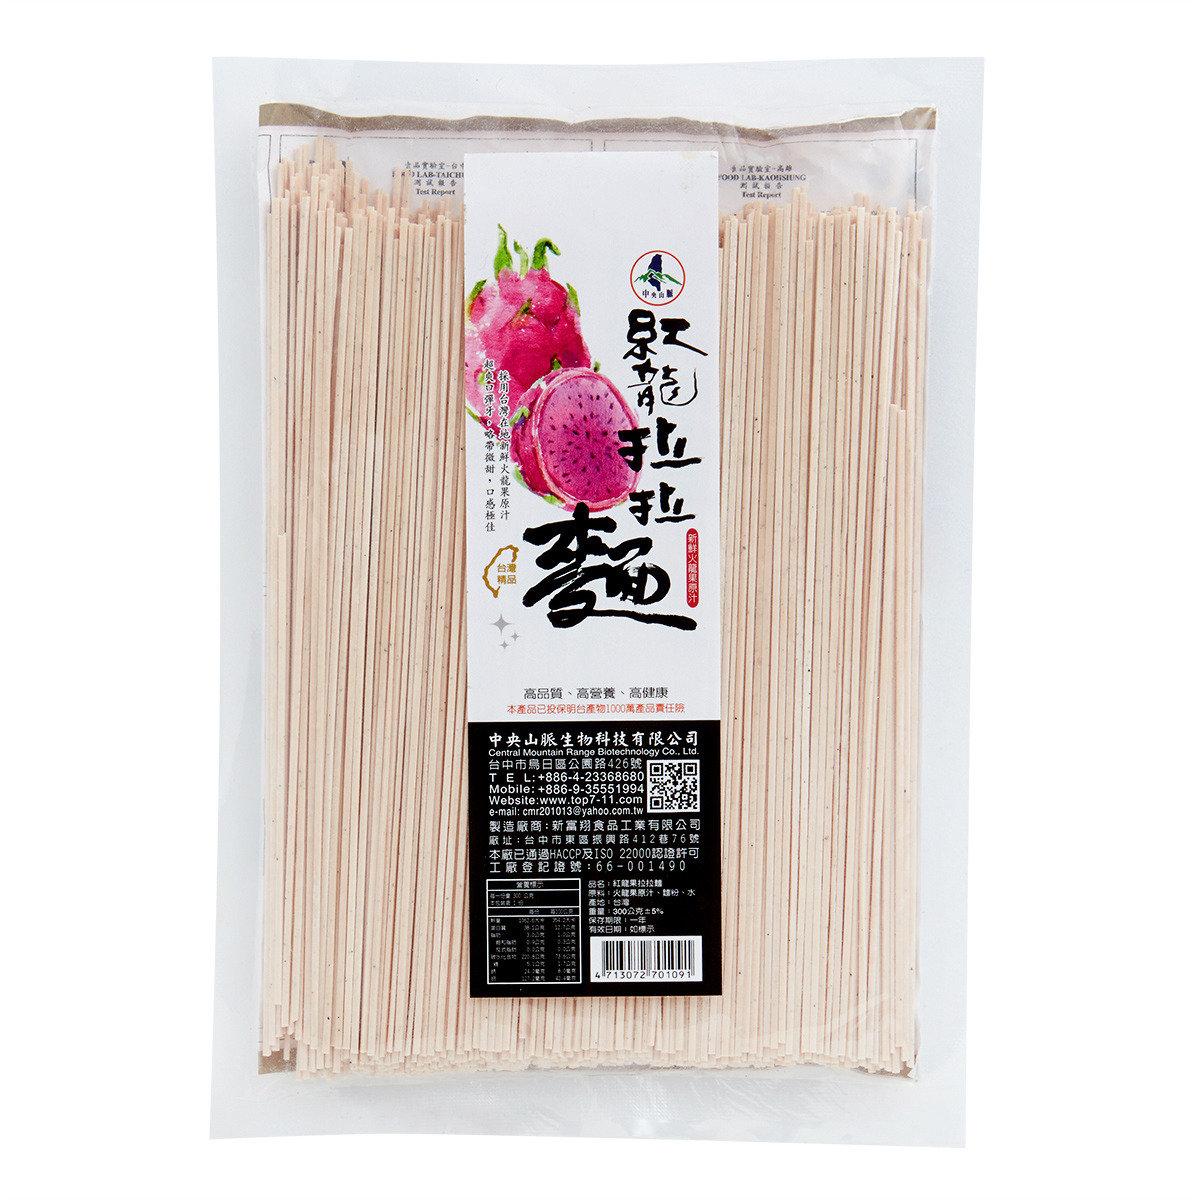 紅龍果拉拉麵 (賞味期限: 2016年10月28日)